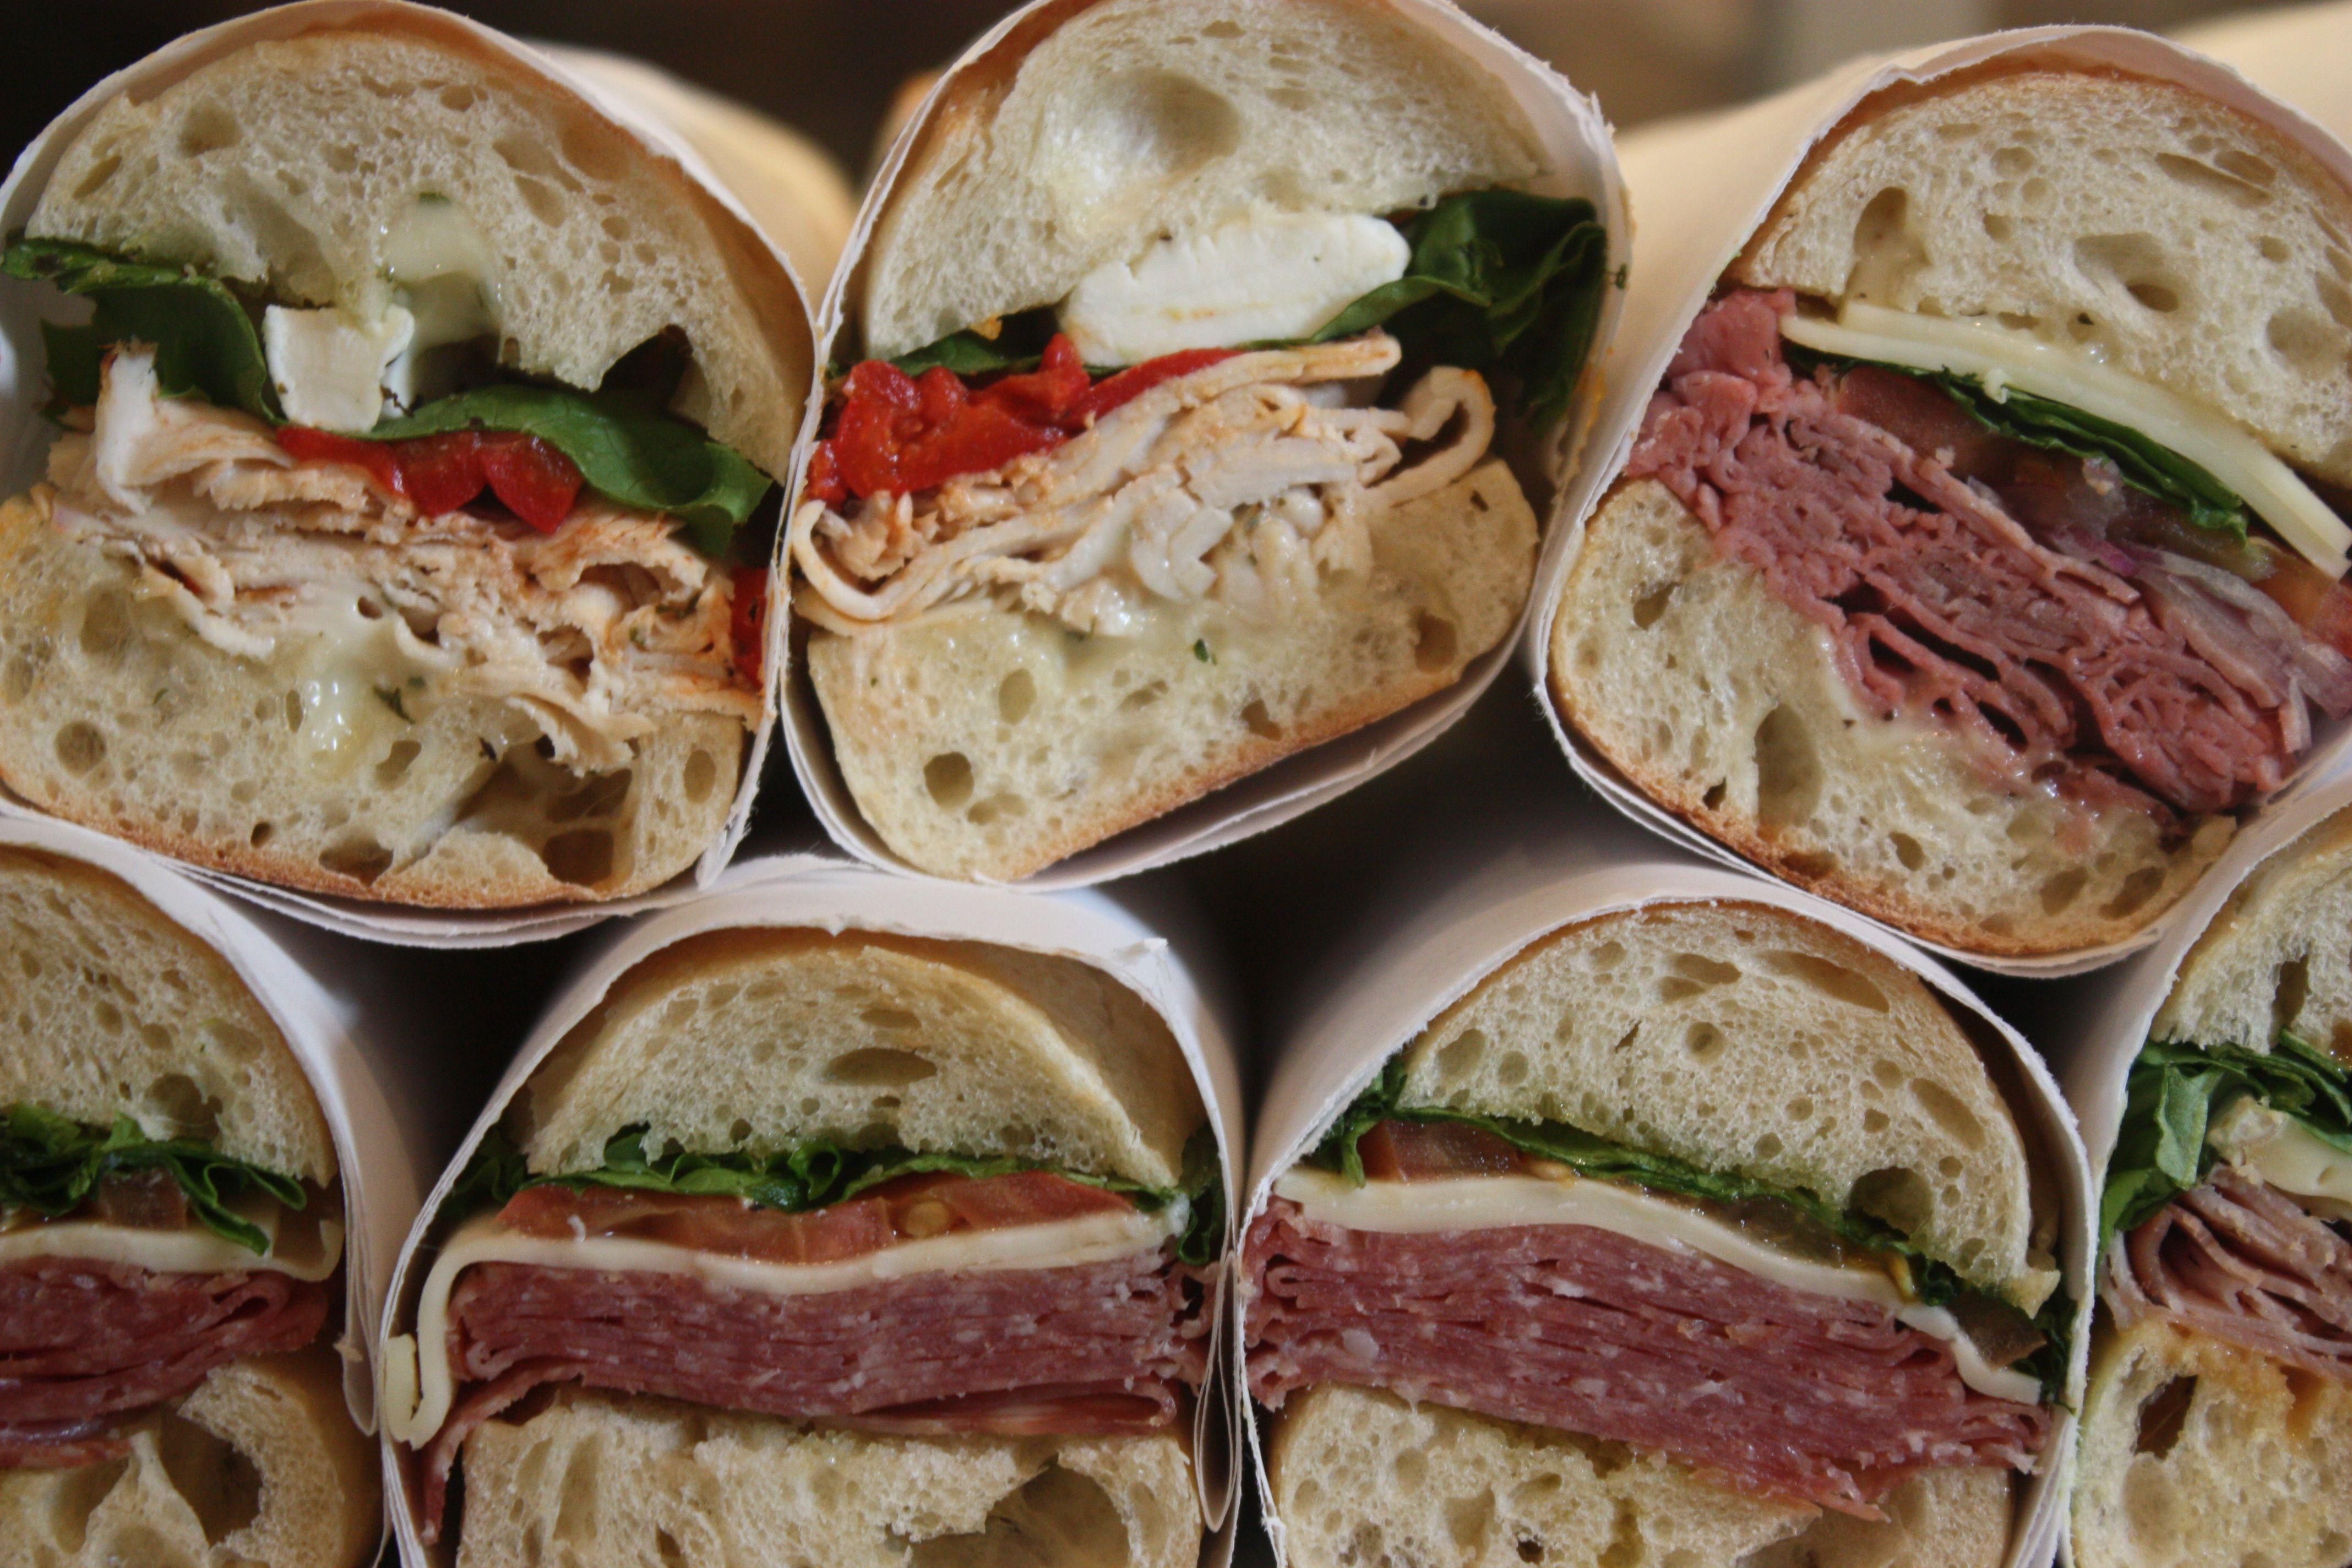 Mystic Market sandwiches to-go | Mystic Market | Pinterest